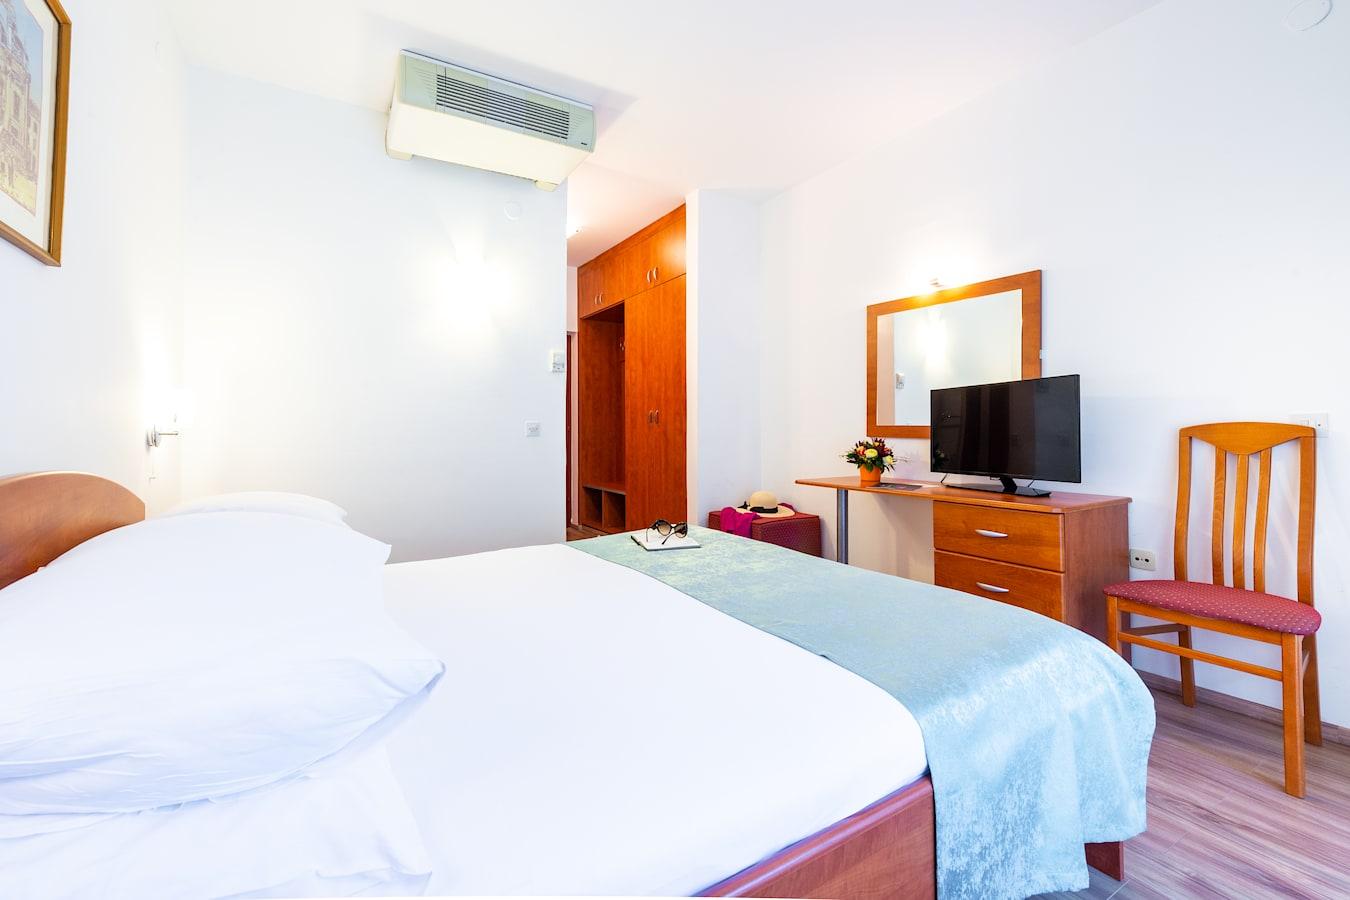 vis-hotel-double-room-room-plan-dubrovnik.jpg